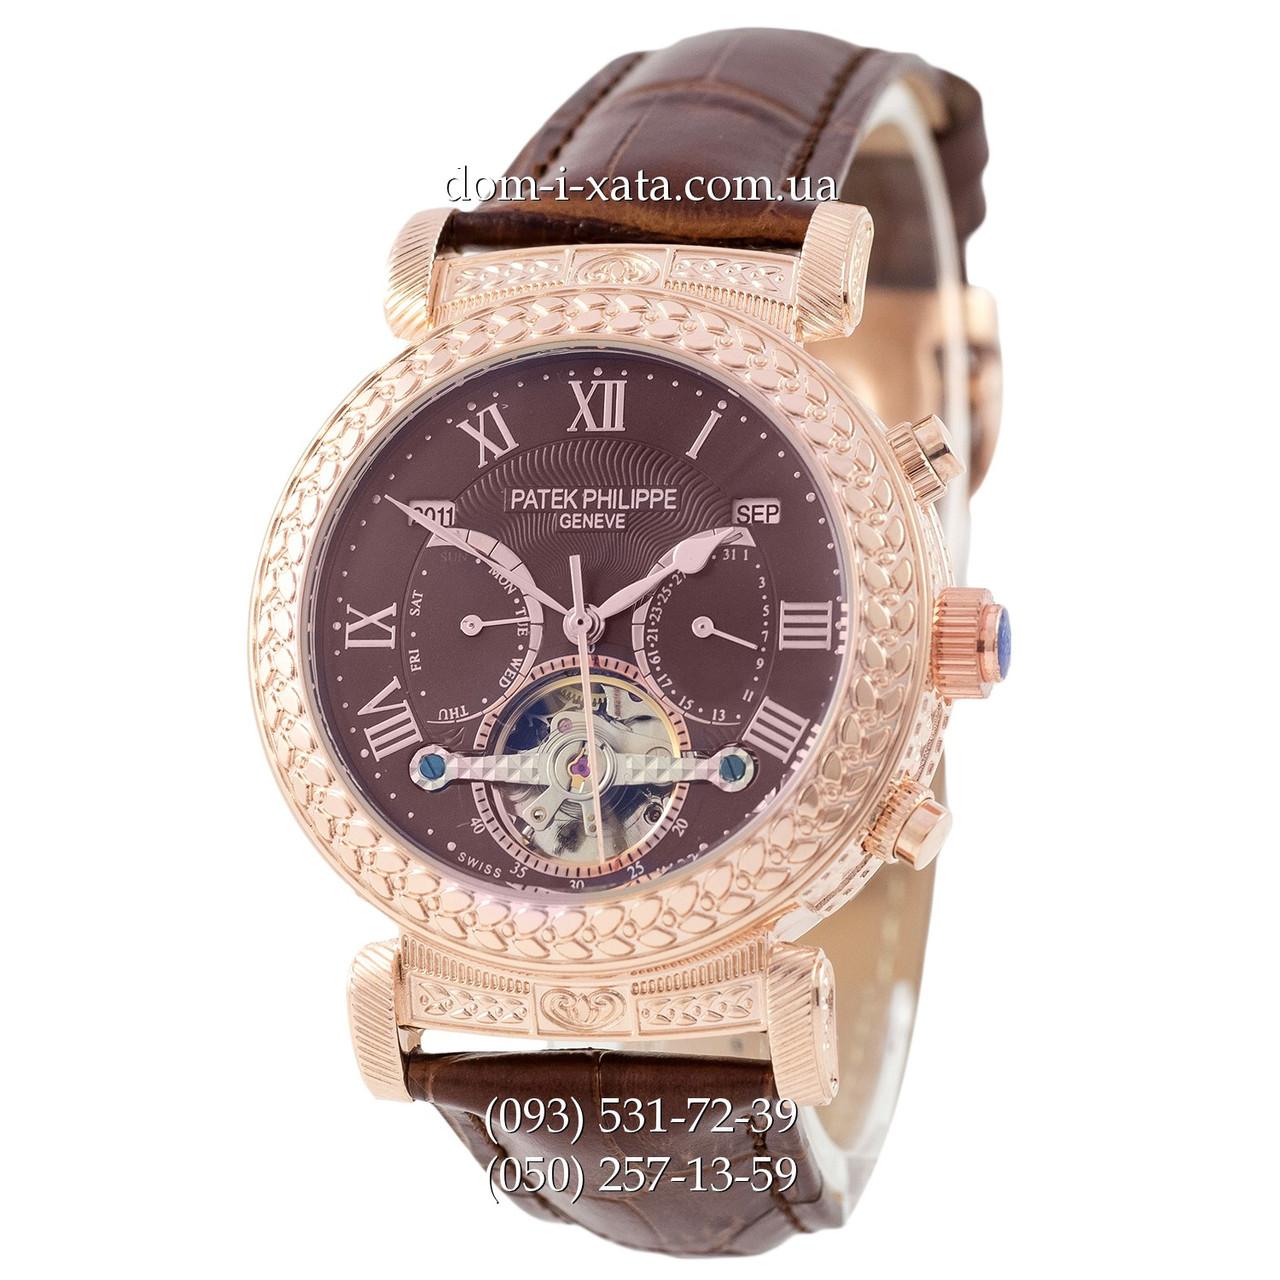 Мужские часы  Patek Philippe Grand Complications Power Tourbillon Brown-Gold-Brown, механические, элитные часы, реплика, отличное качество!